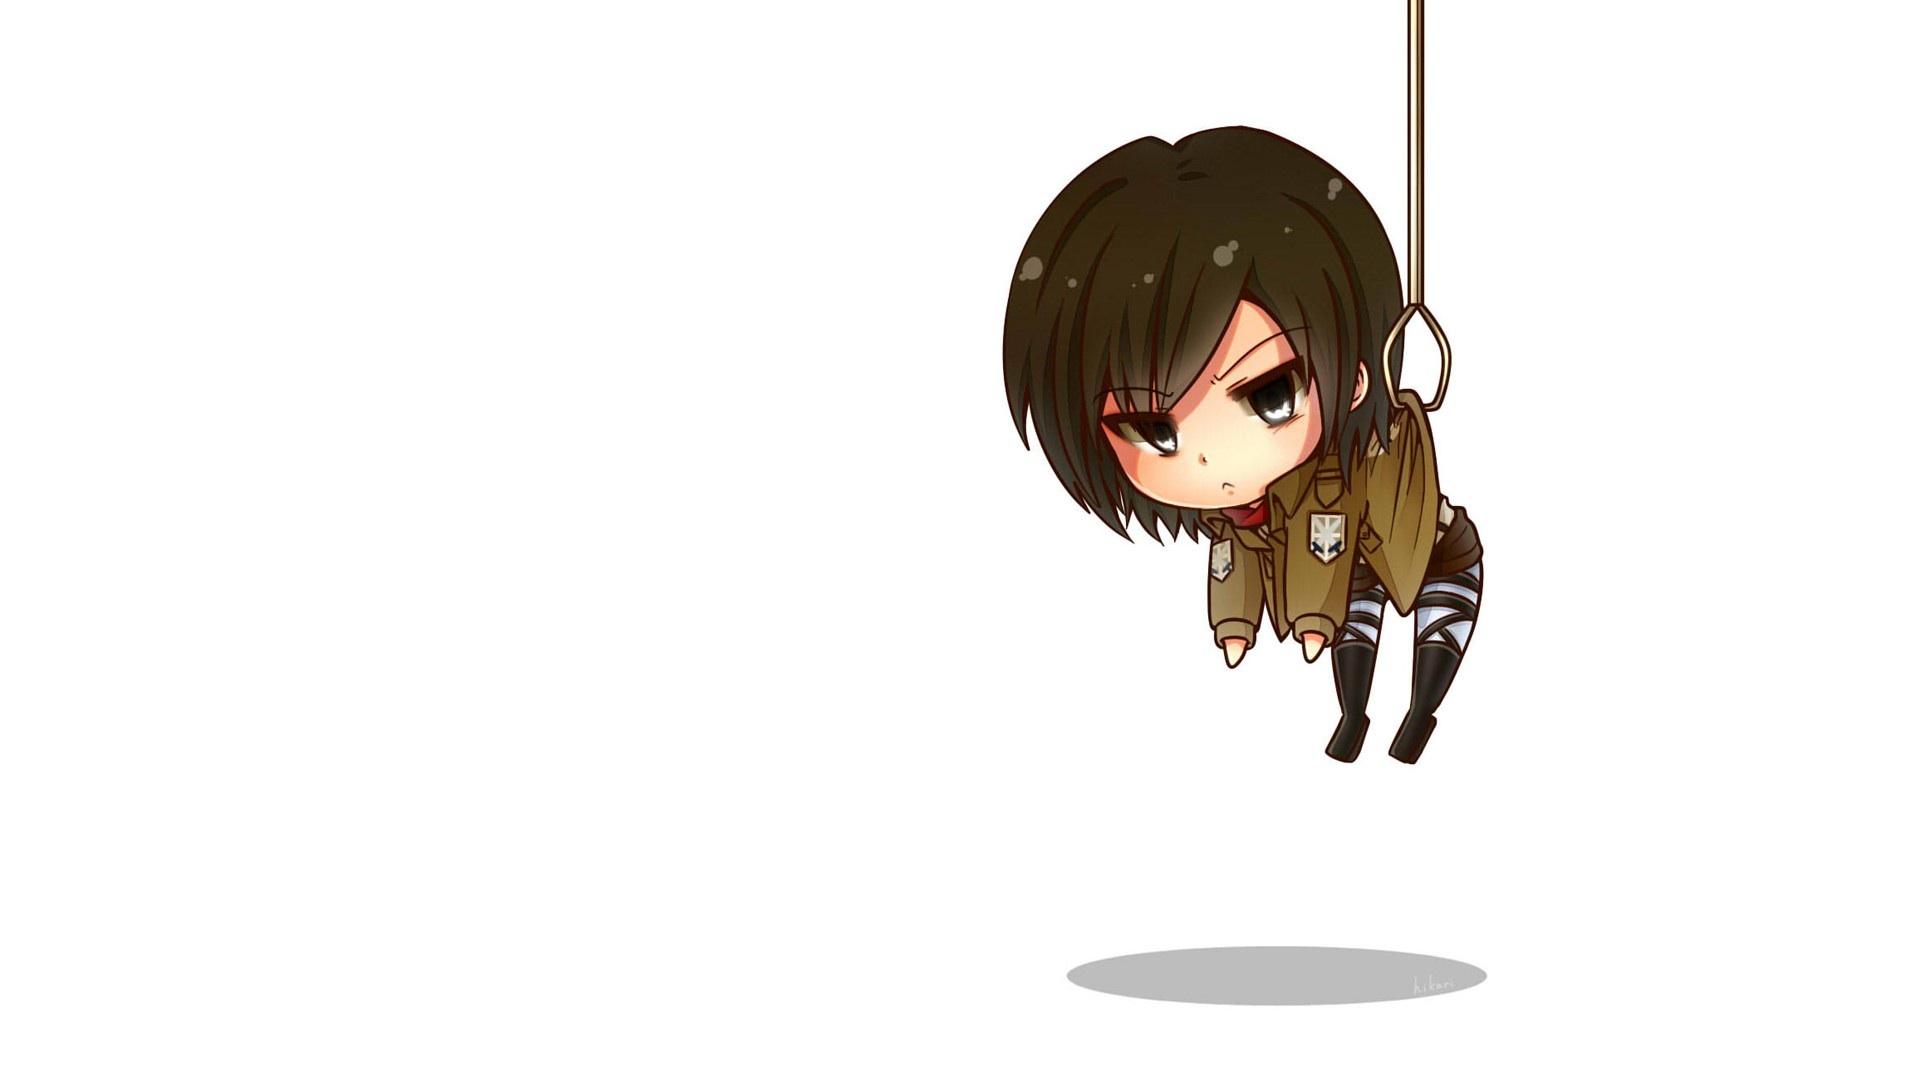 Mikasa Ackerman Shingeki No Kyojin Attack On Titan Photo